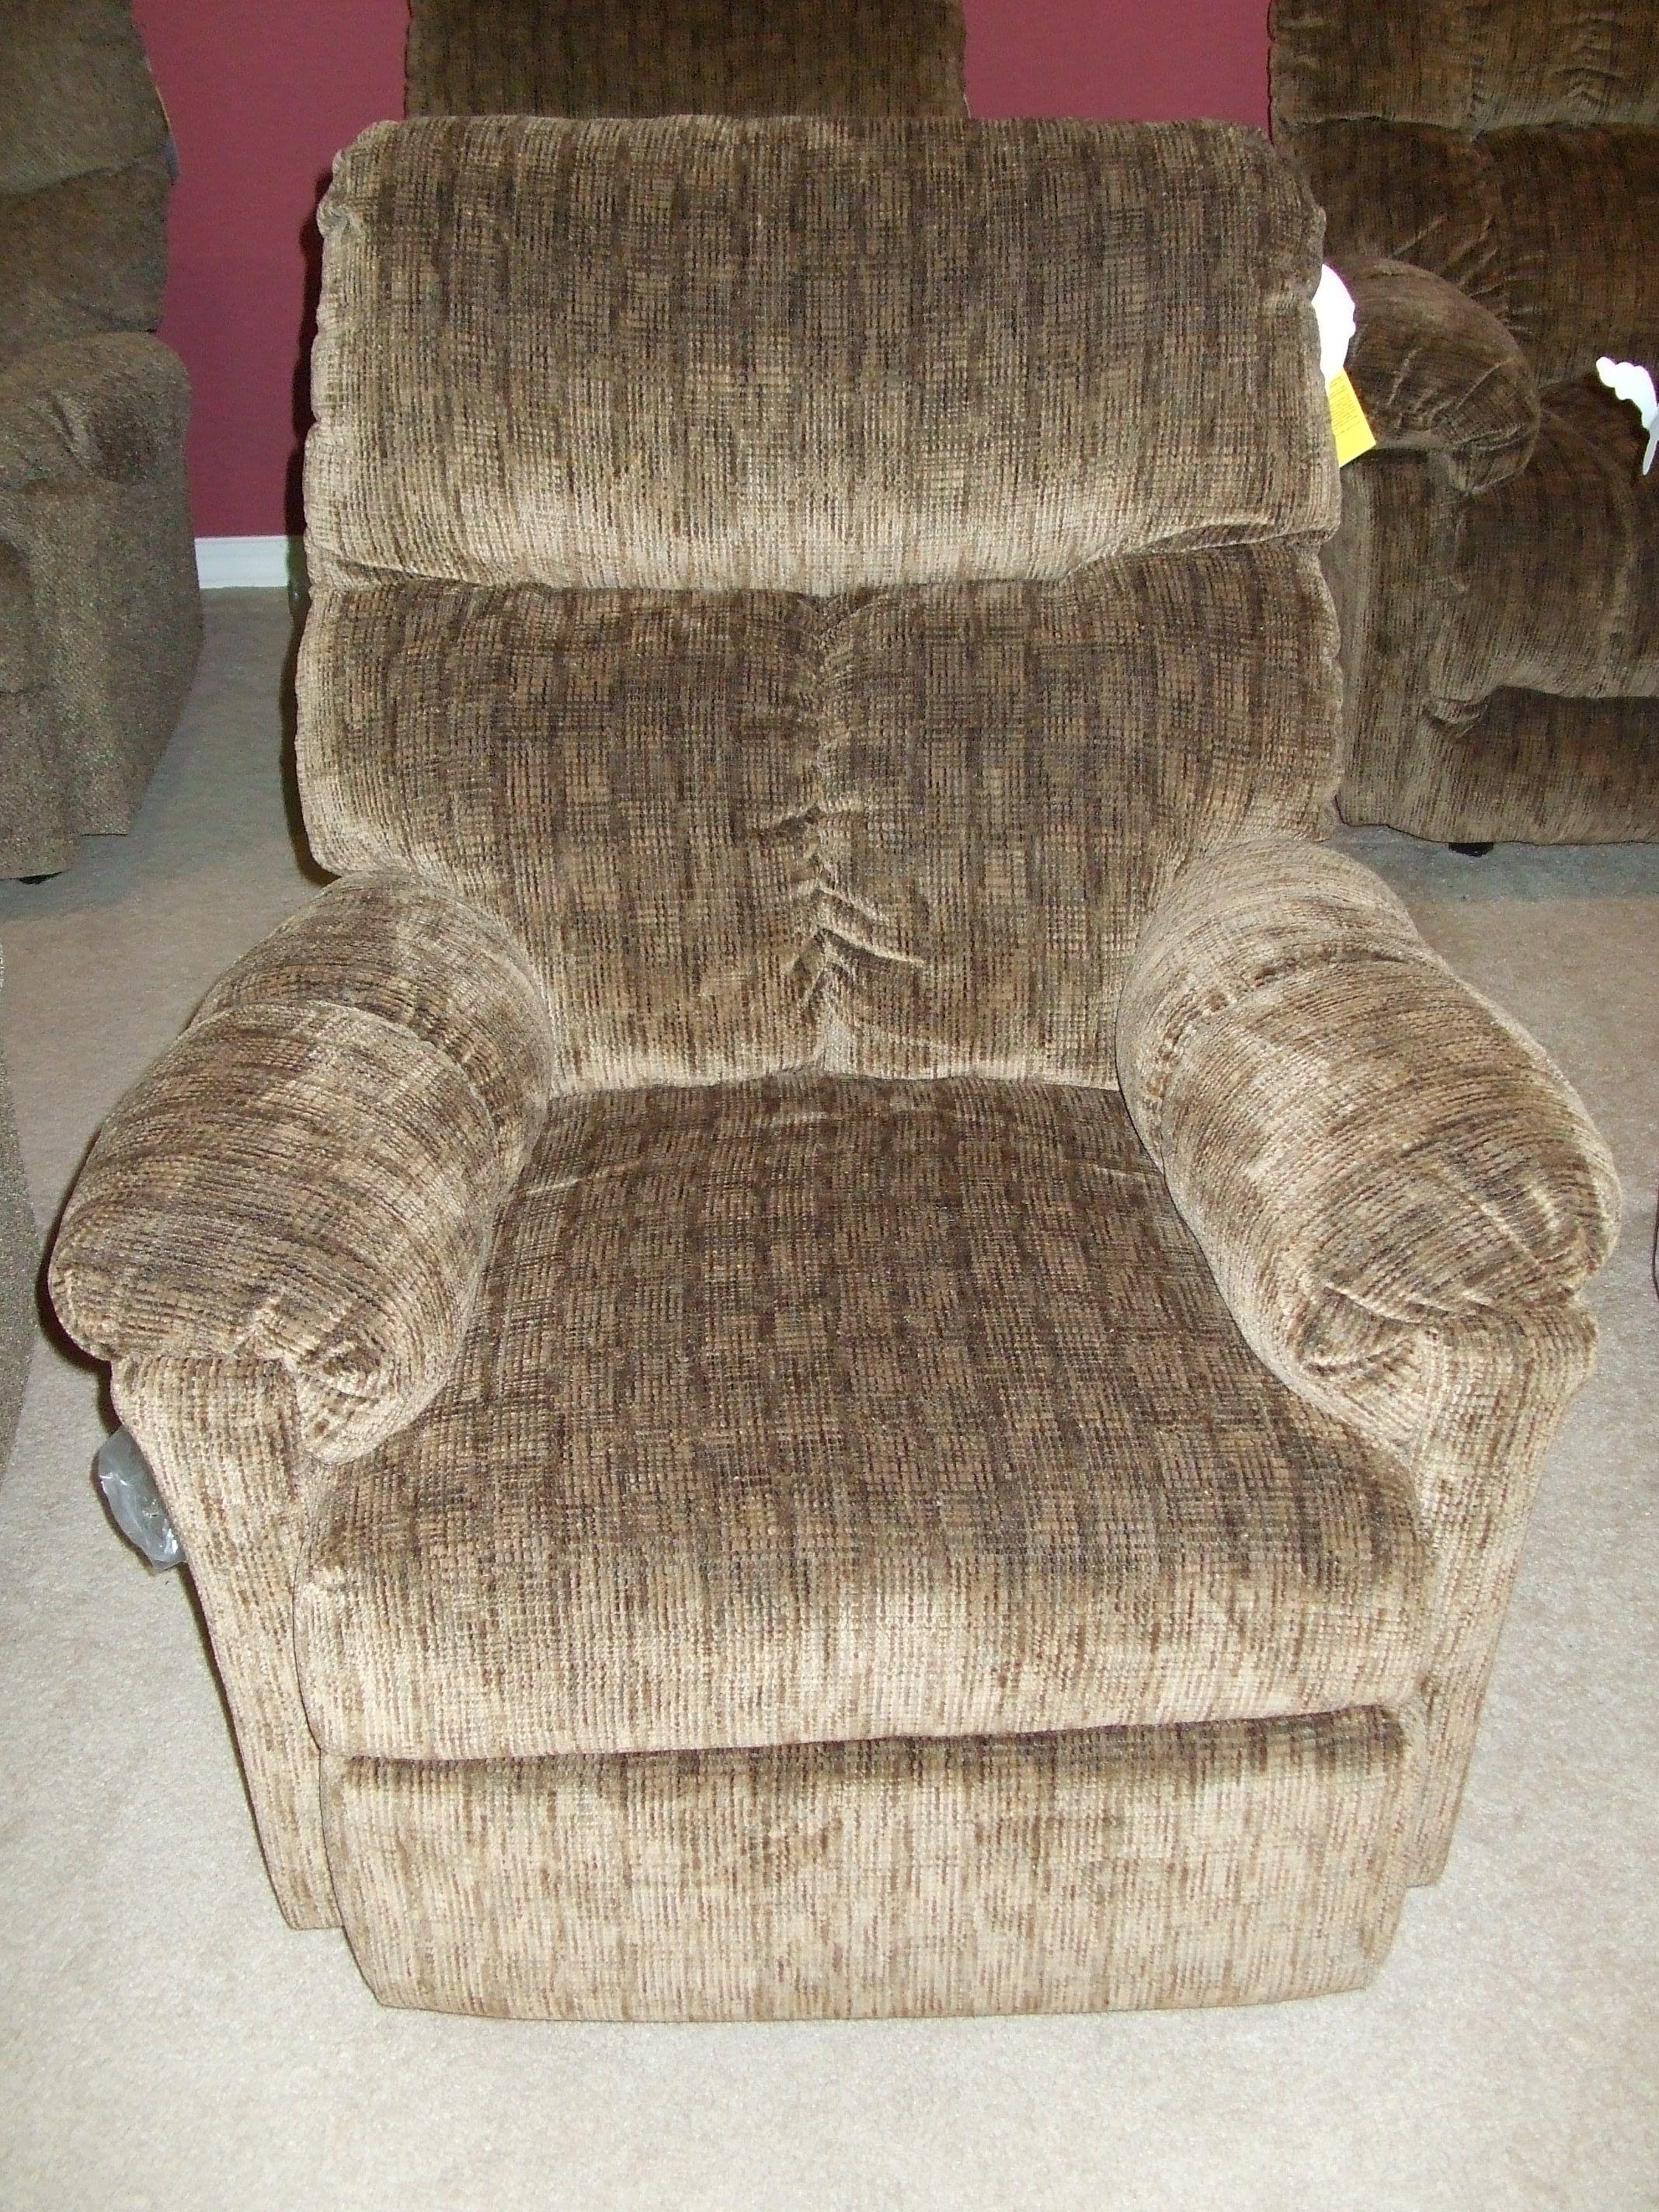 Lansing Furniture: 877 538 4678 Best Rocker Recliner Sale Special! 2 For